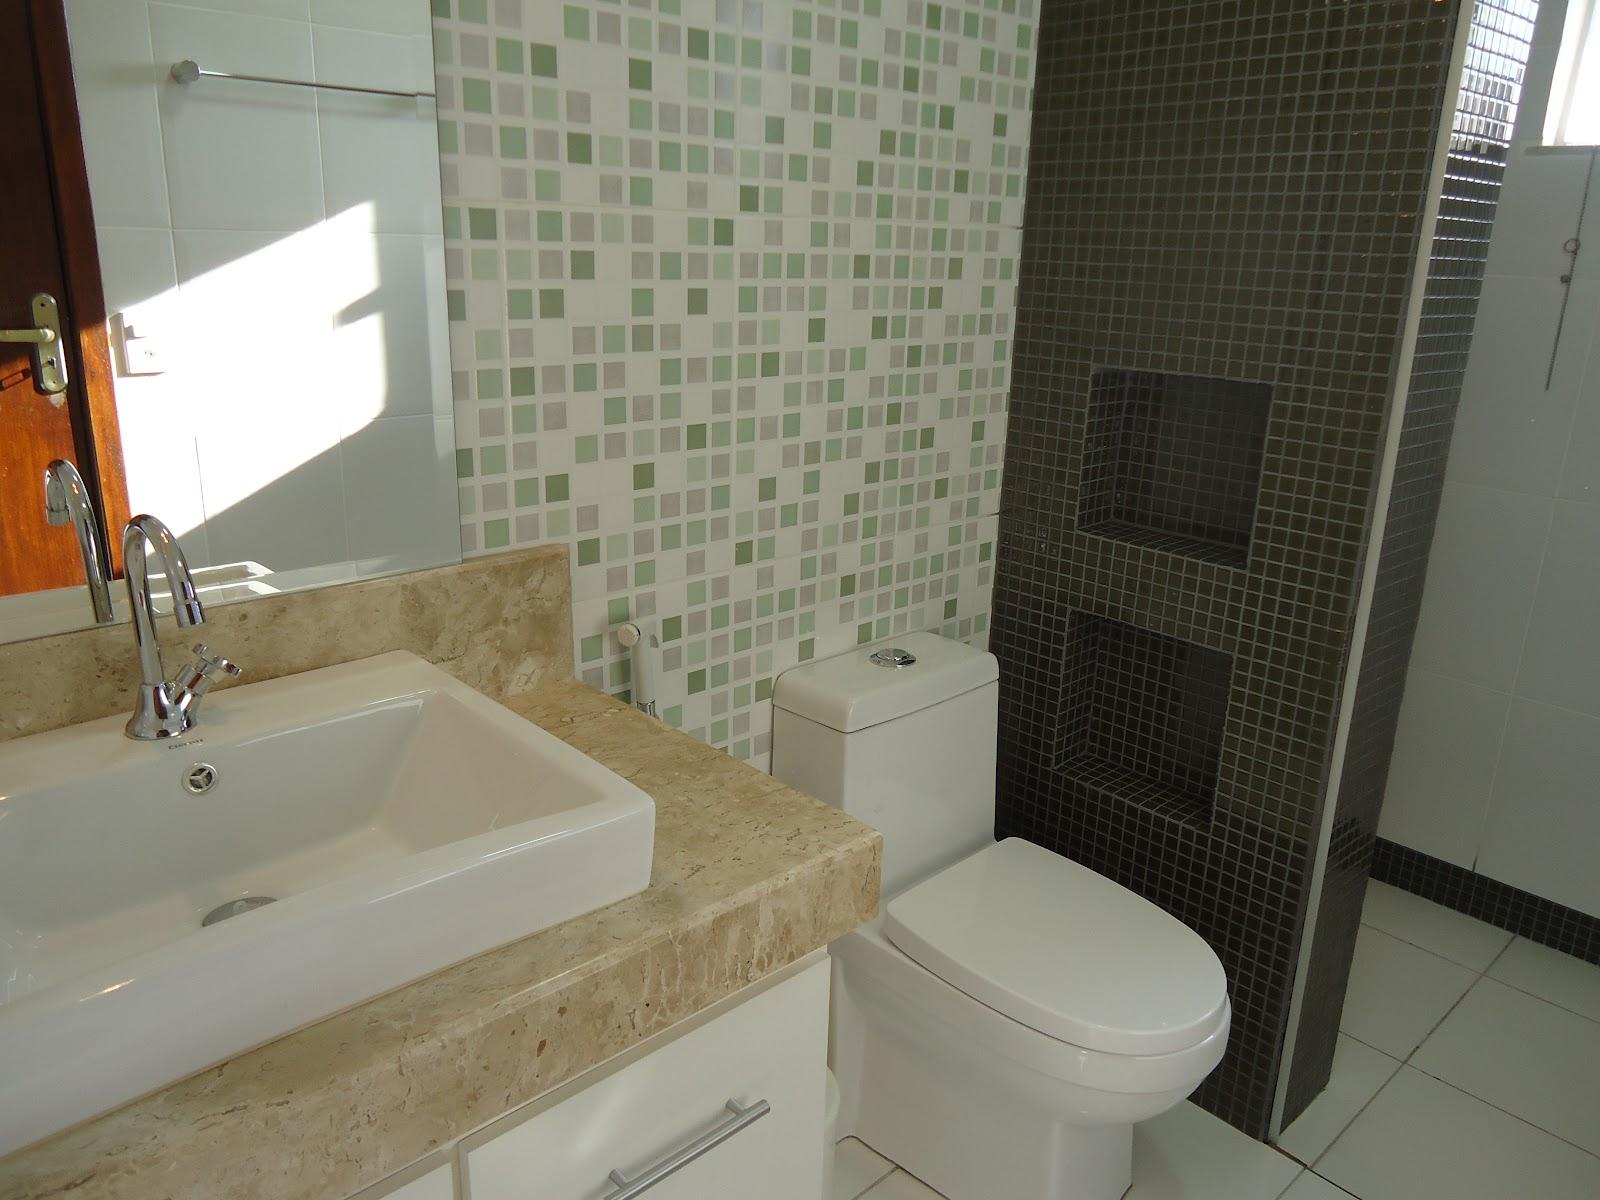 parede revestida com pastilhas cerâmicas na cor verde musgo  #8D4718 1600x1200 Banheiro Branco Com Pastilhas Verde